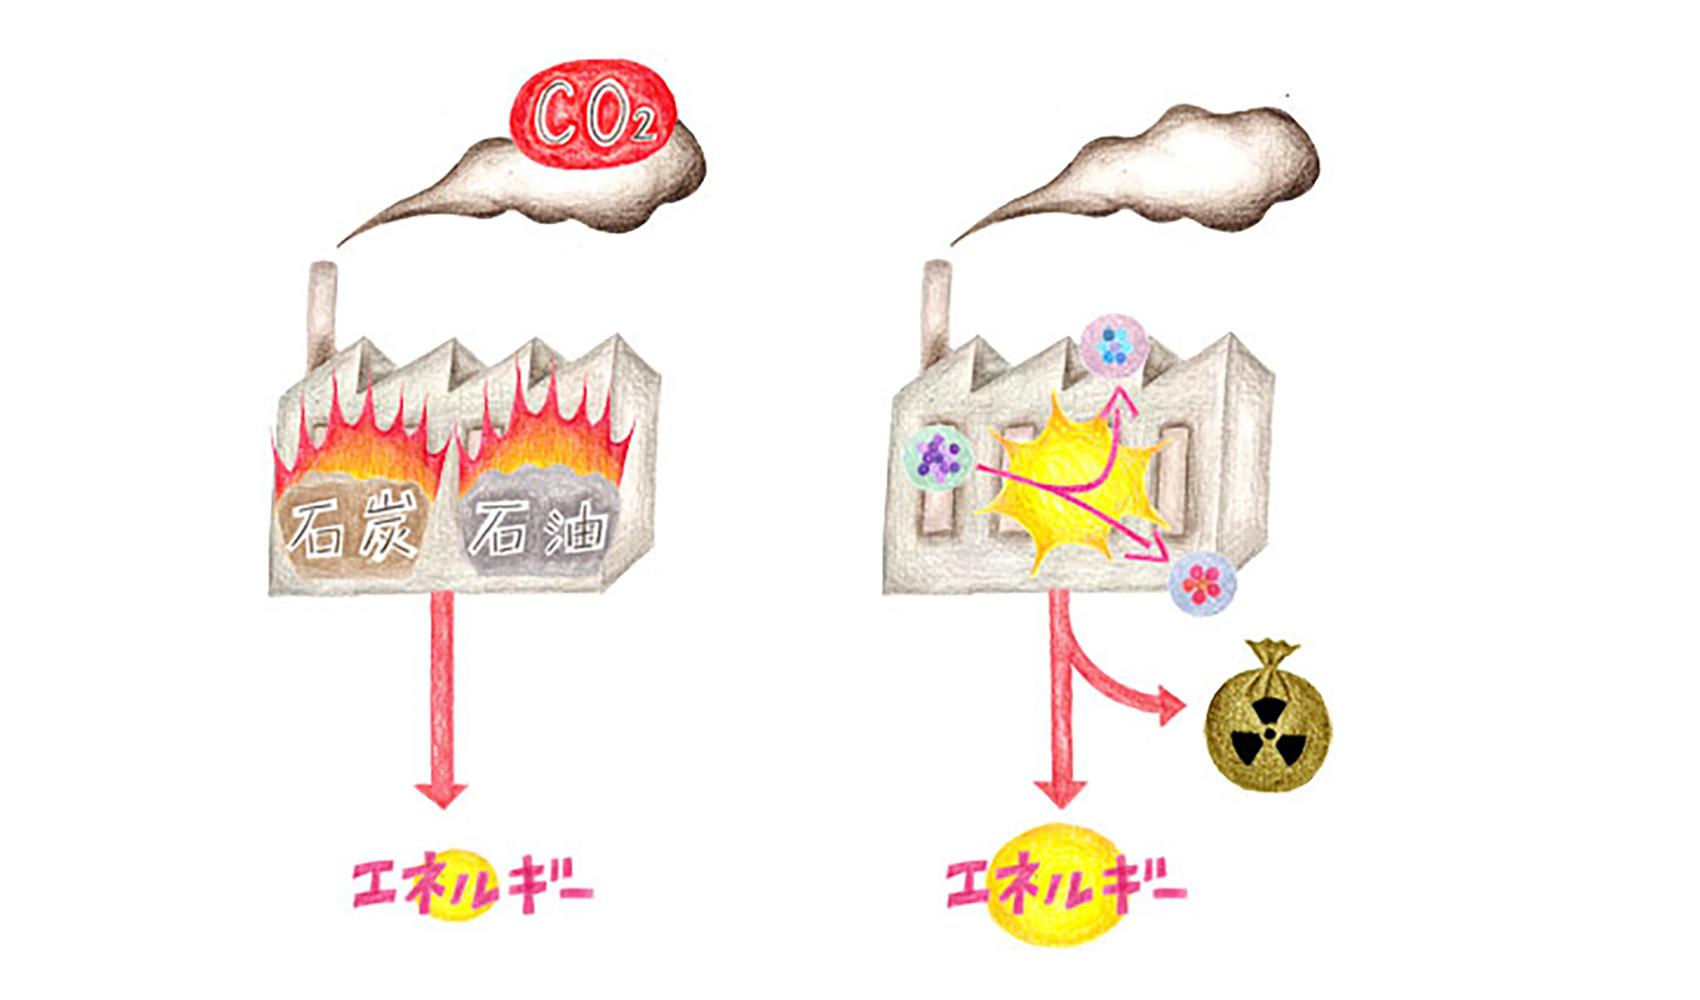 原子力発電はクリーンエネルギーなのですか?